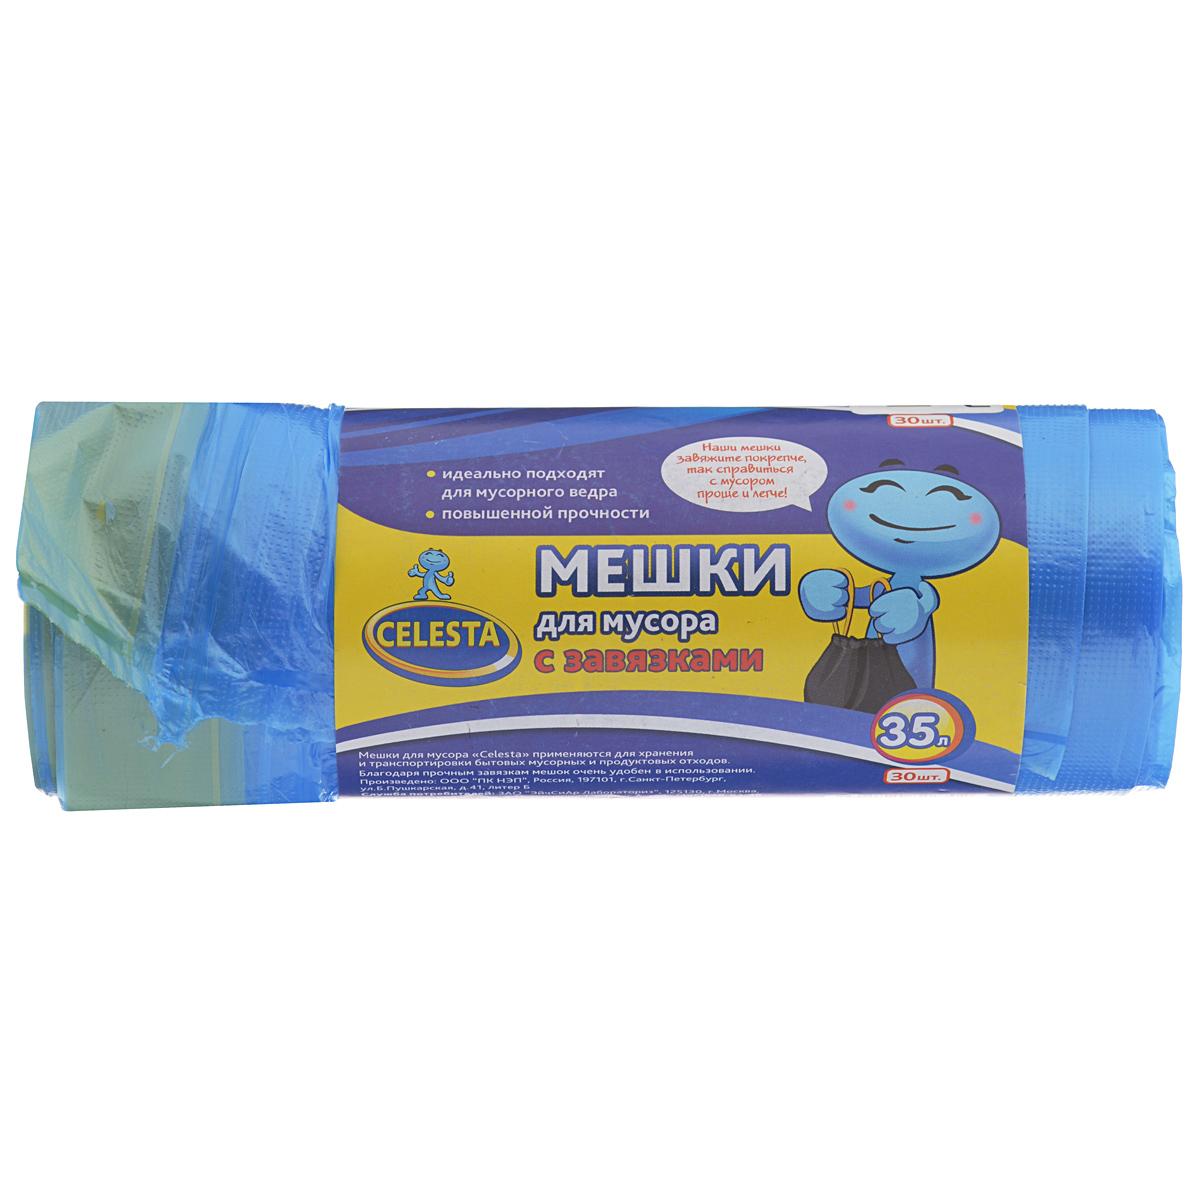 Мешки для мусора Celesta, с завязками, цвет: синий, 35 л, 30 шт702_синийМешки для мусора Celesta изготовлены из полиэтилена низкого давления. Изделия являются предметами первой необходимости, служат для вывоза и утилизации скопившего мусора, помогают эффективно справляться с домашней работой. Мешки оснащены специальными завязками, которые позволяют изолировать неприятный запах и удобно переносить пакет.В комплекте 30 пакетов.Объем пакета: 35 л.